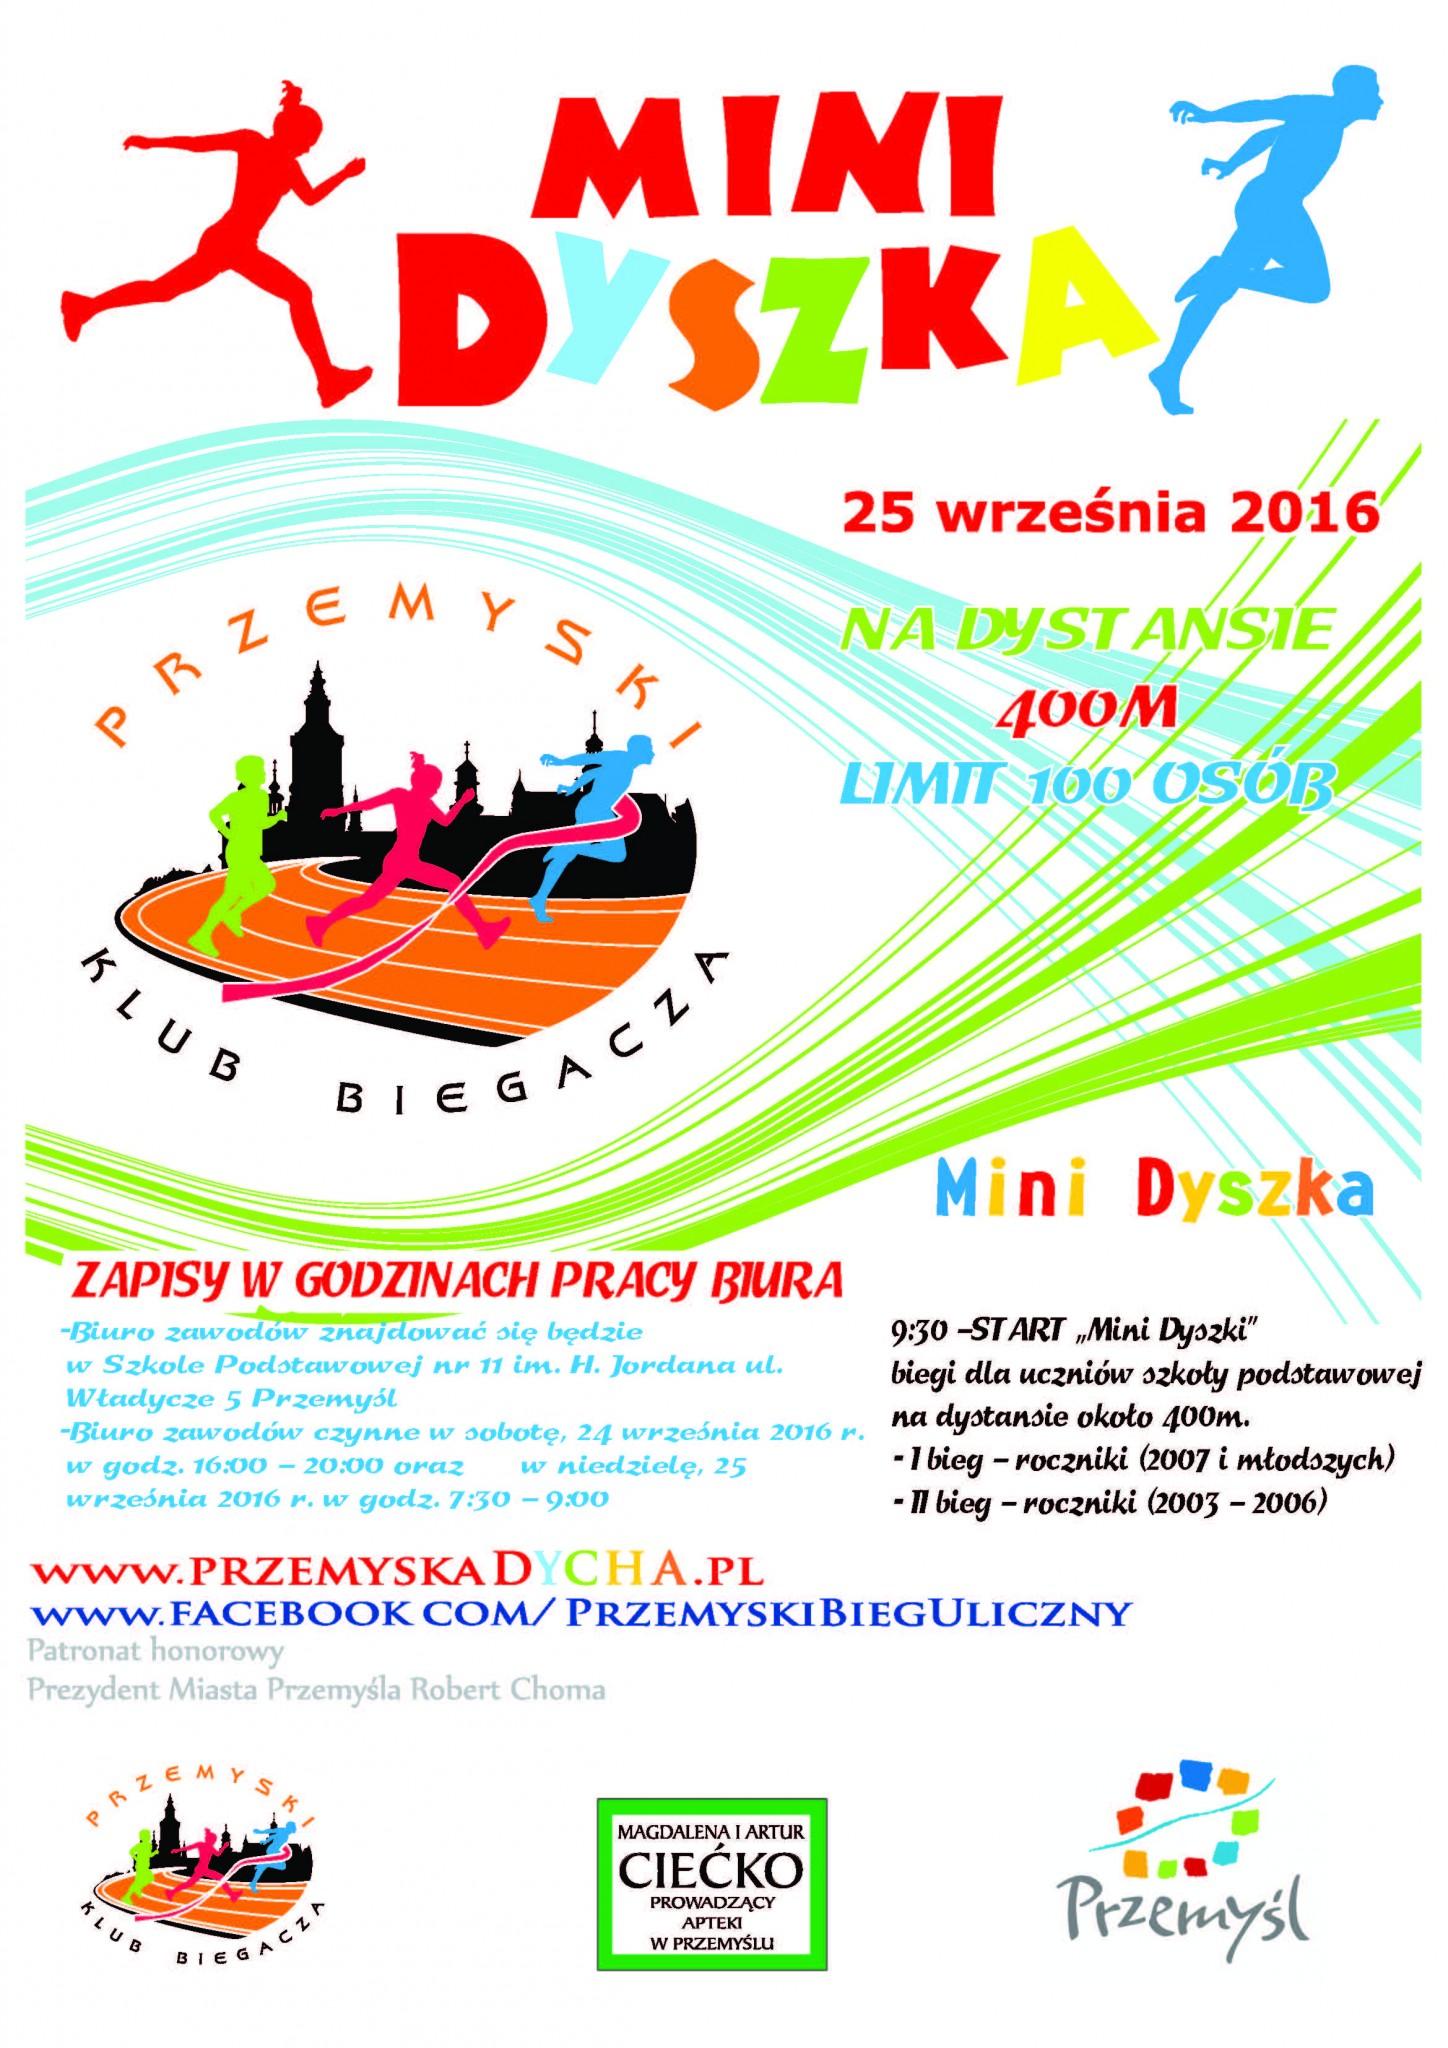 4minidyszka_plakat